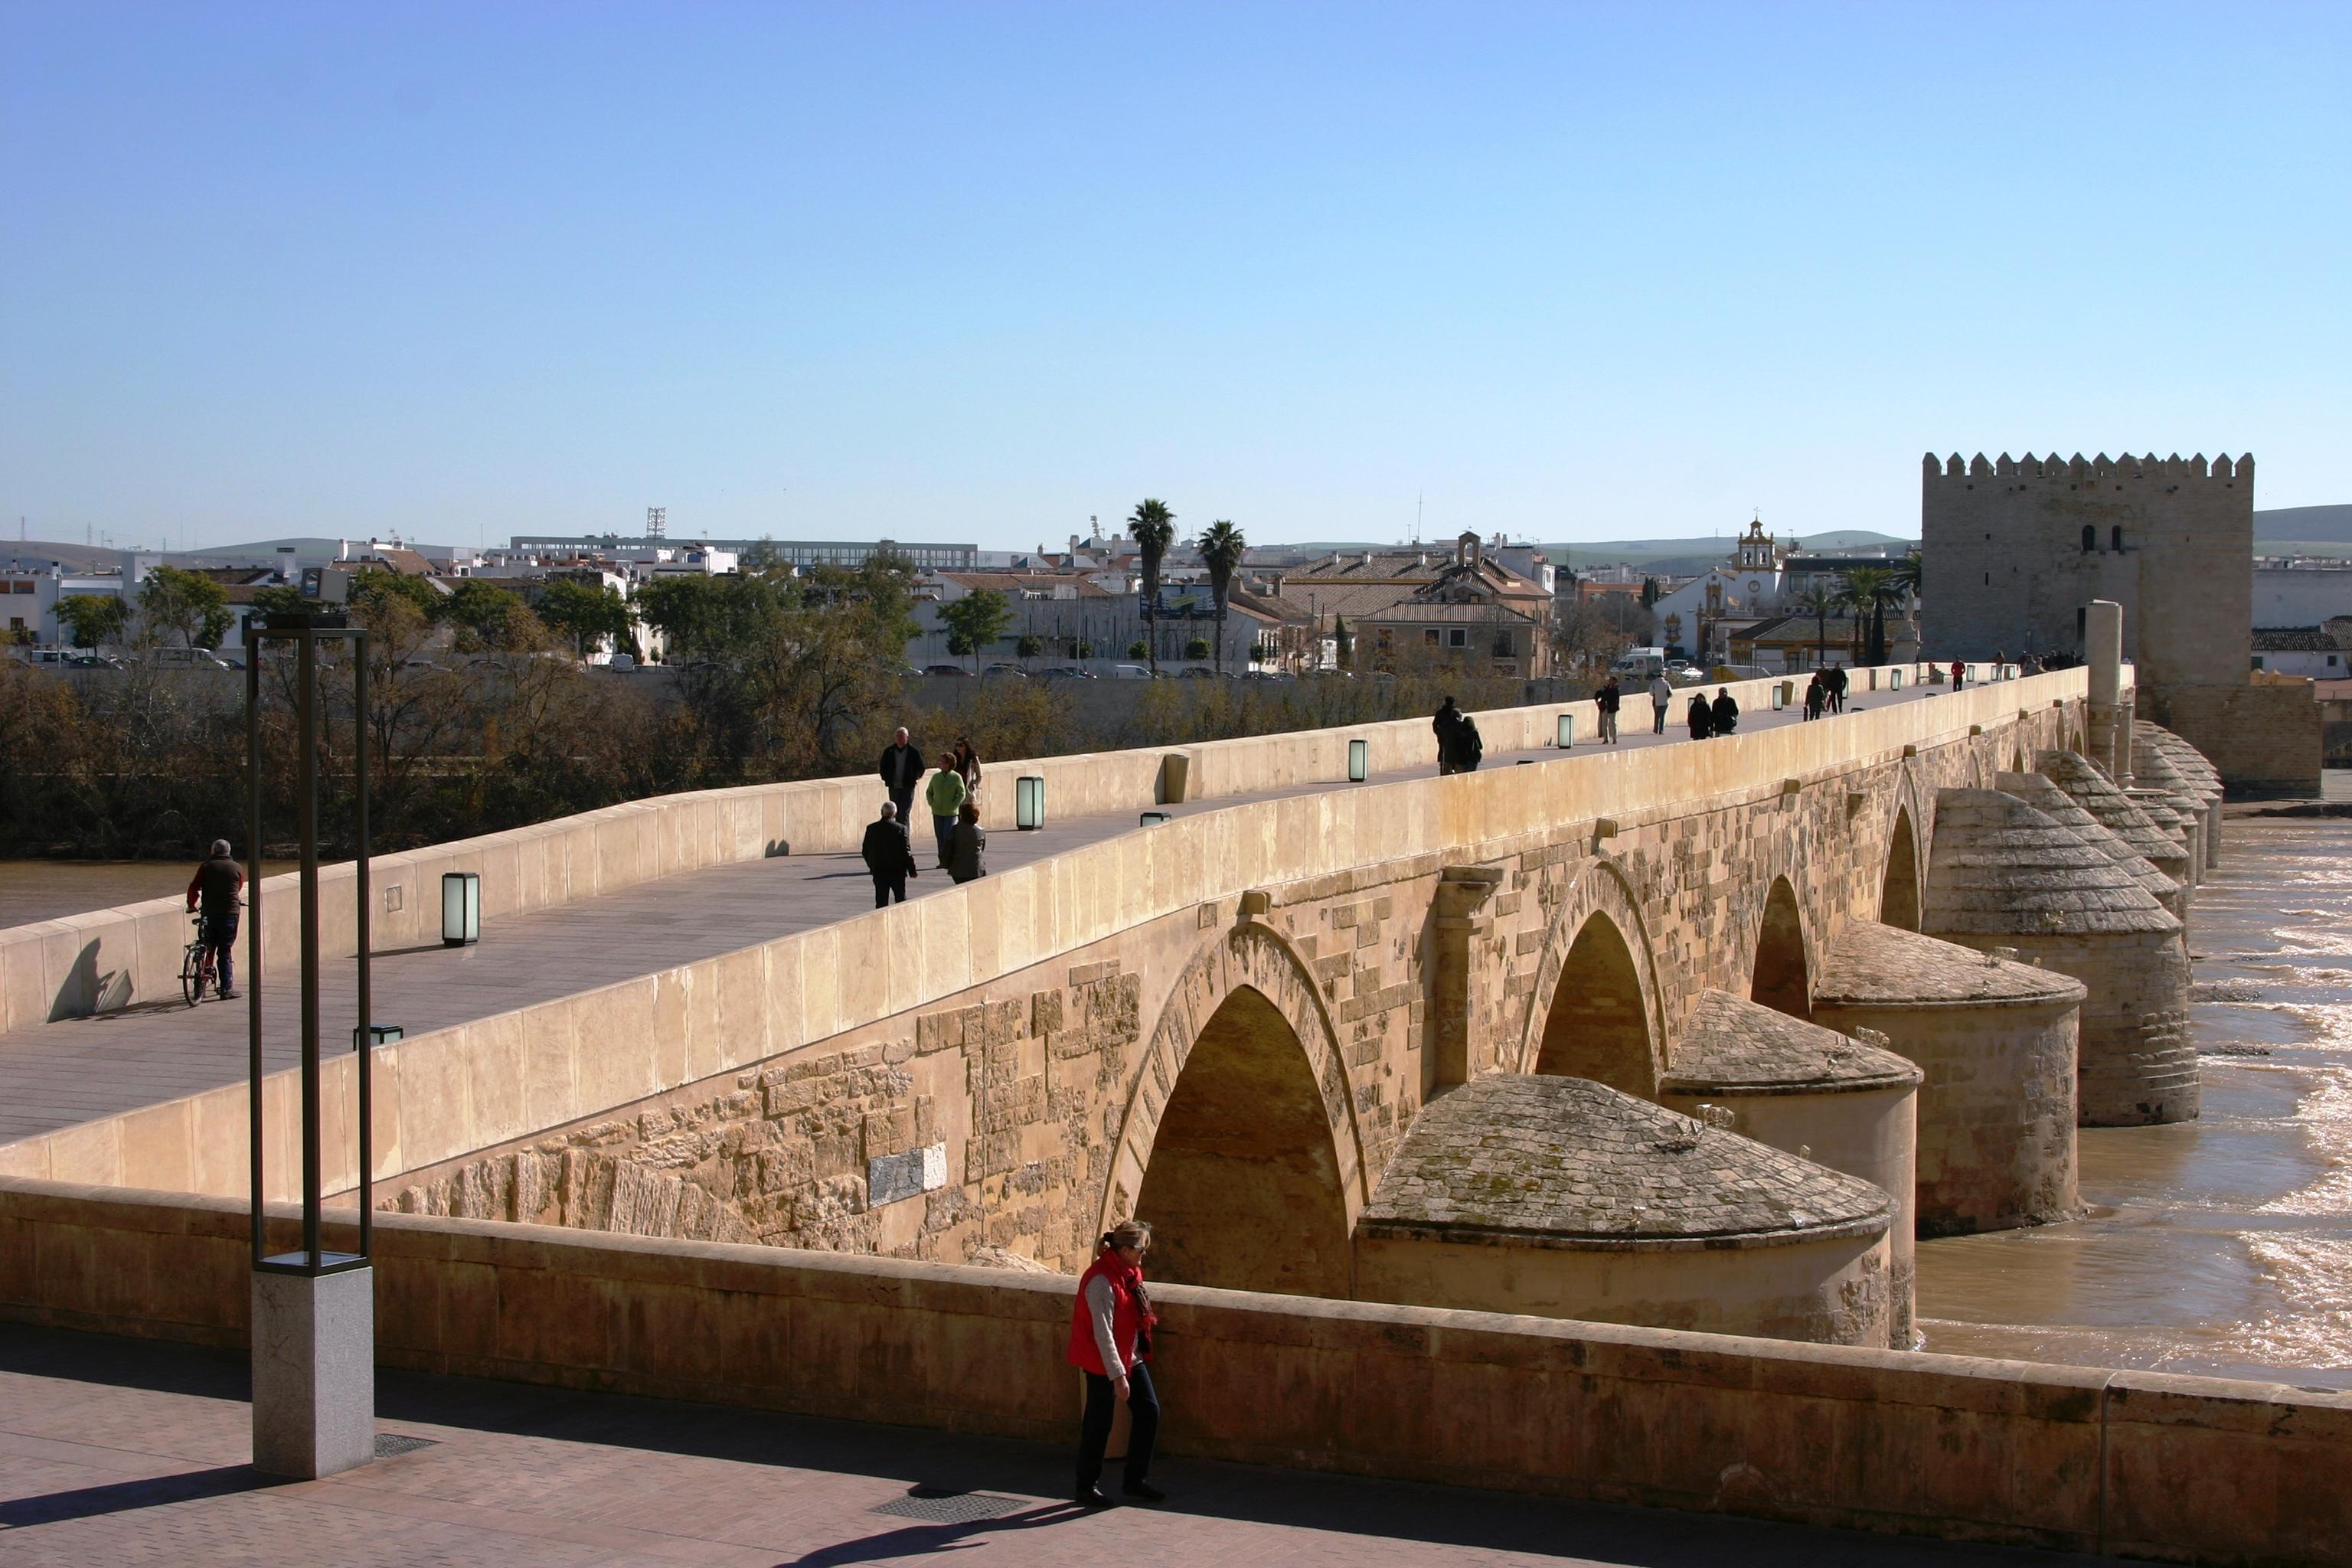 File:Roman bridge - Córdoba.JPG - Wikimedia Commons